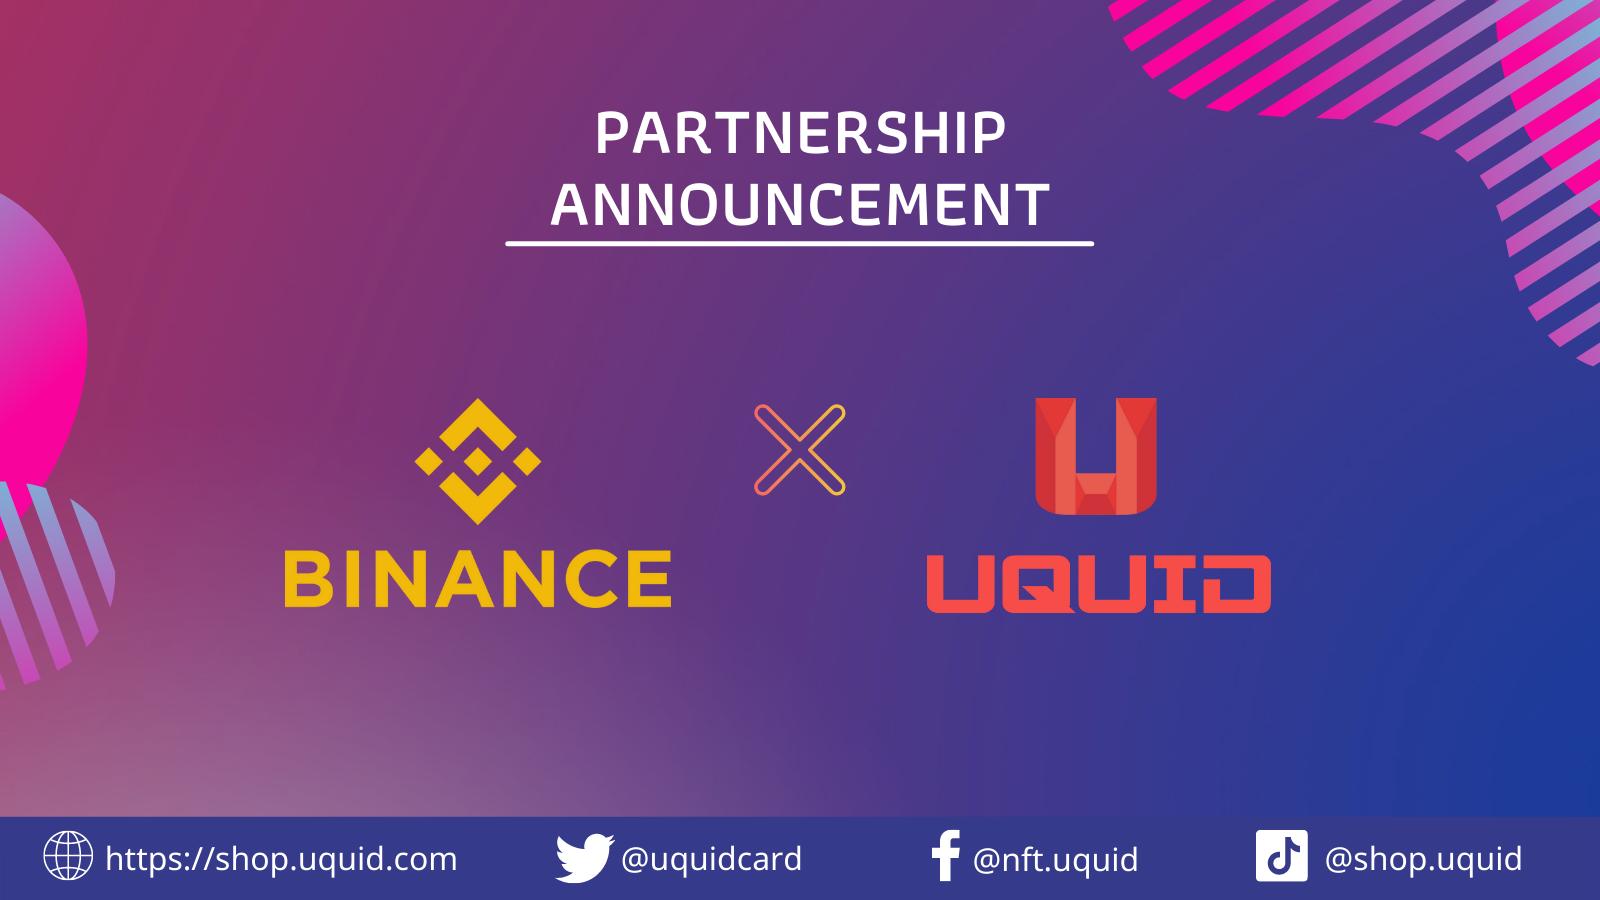 Uquid hợp tác cùng Binance để gia tăng khả năng khả năng thanh toán và mua sắm phi tập trung